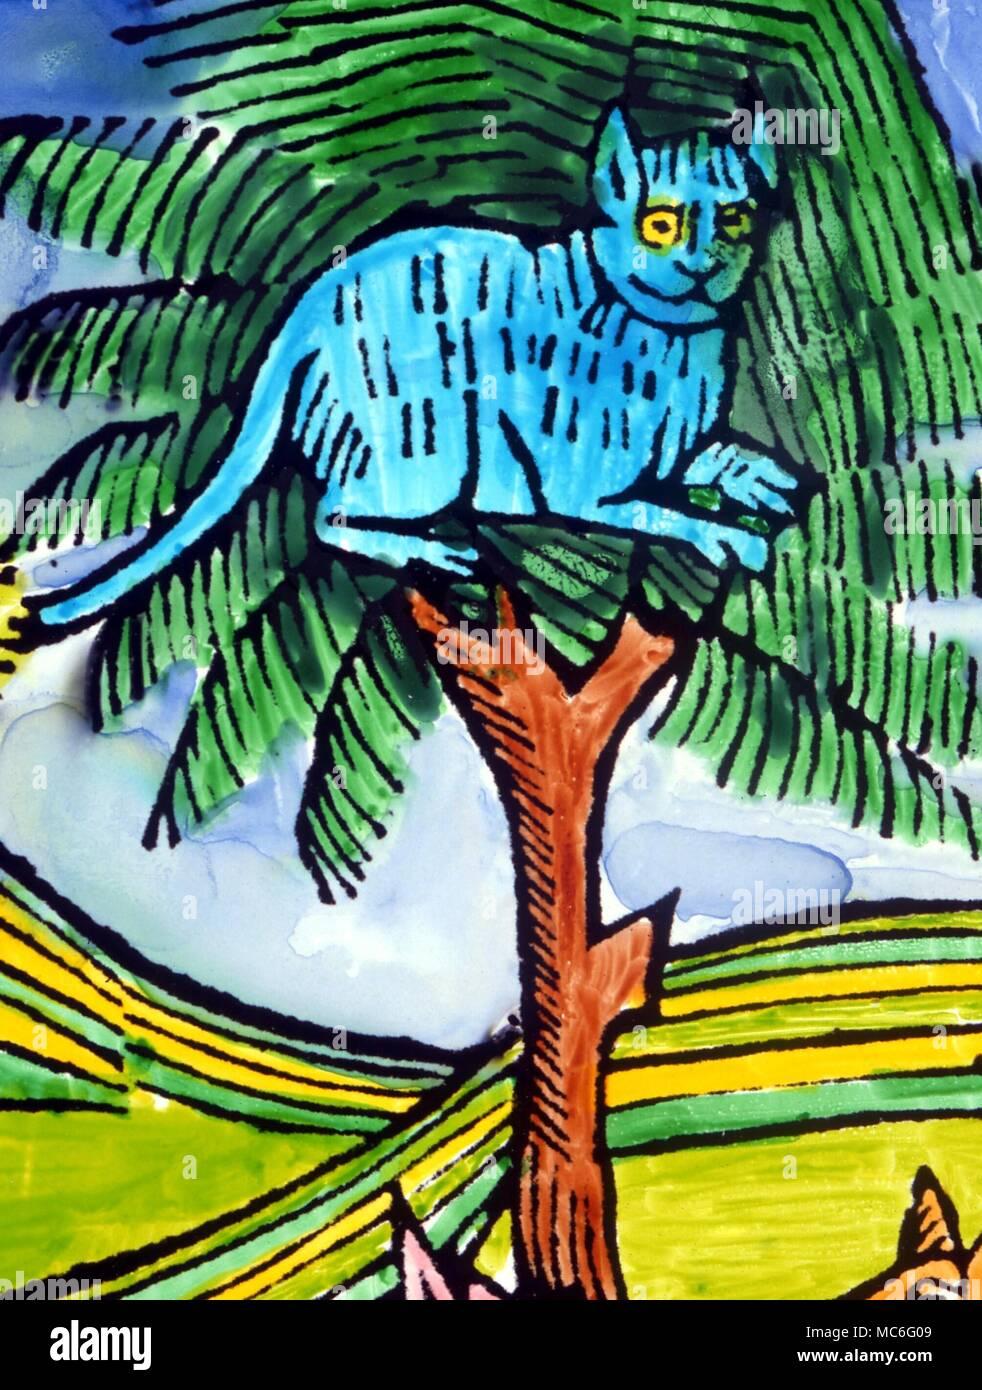 Dettaglio Del Gatto Dal Xvi Secolo Illustrazione Per La Favola Di